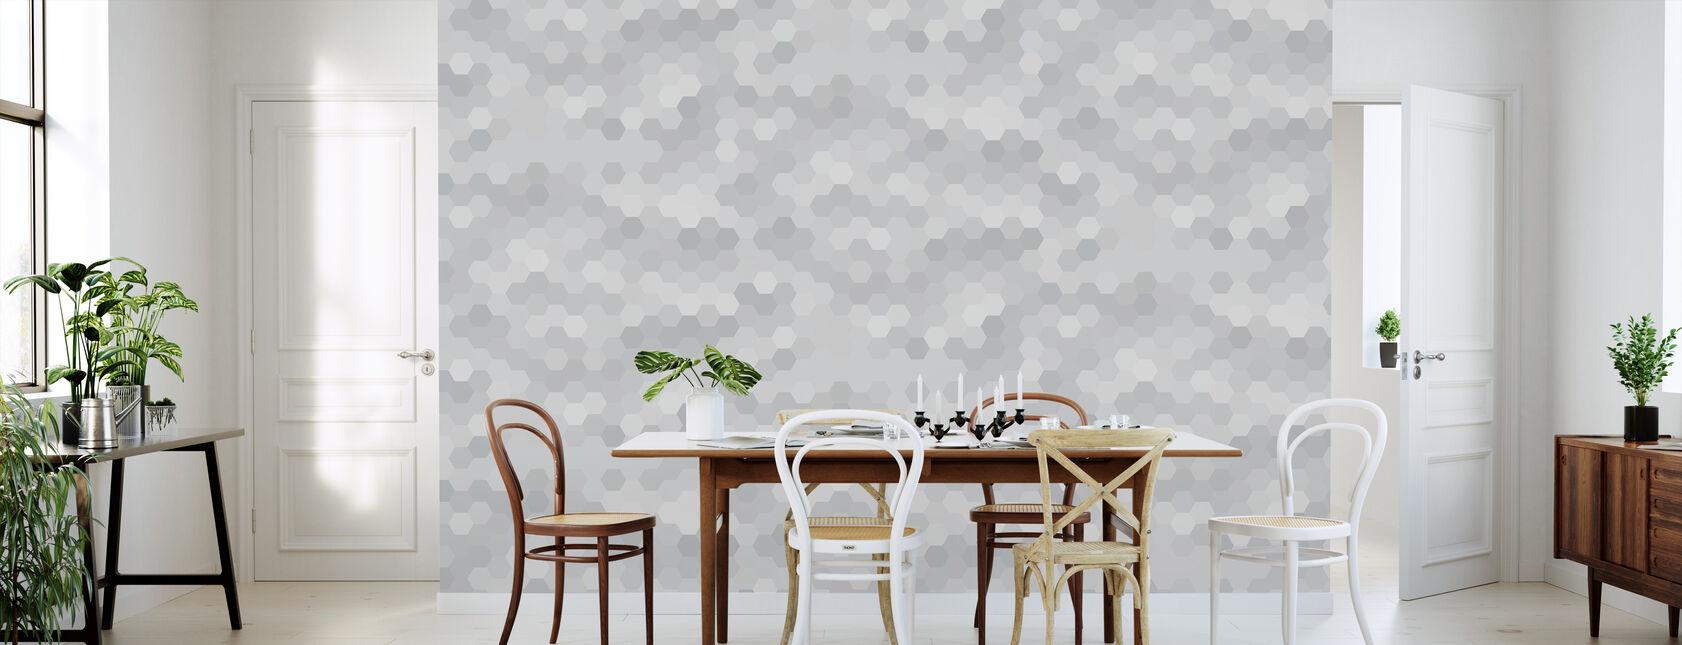 Abstract Mosaic - Warm Grey - Wallpaper - Kitchen